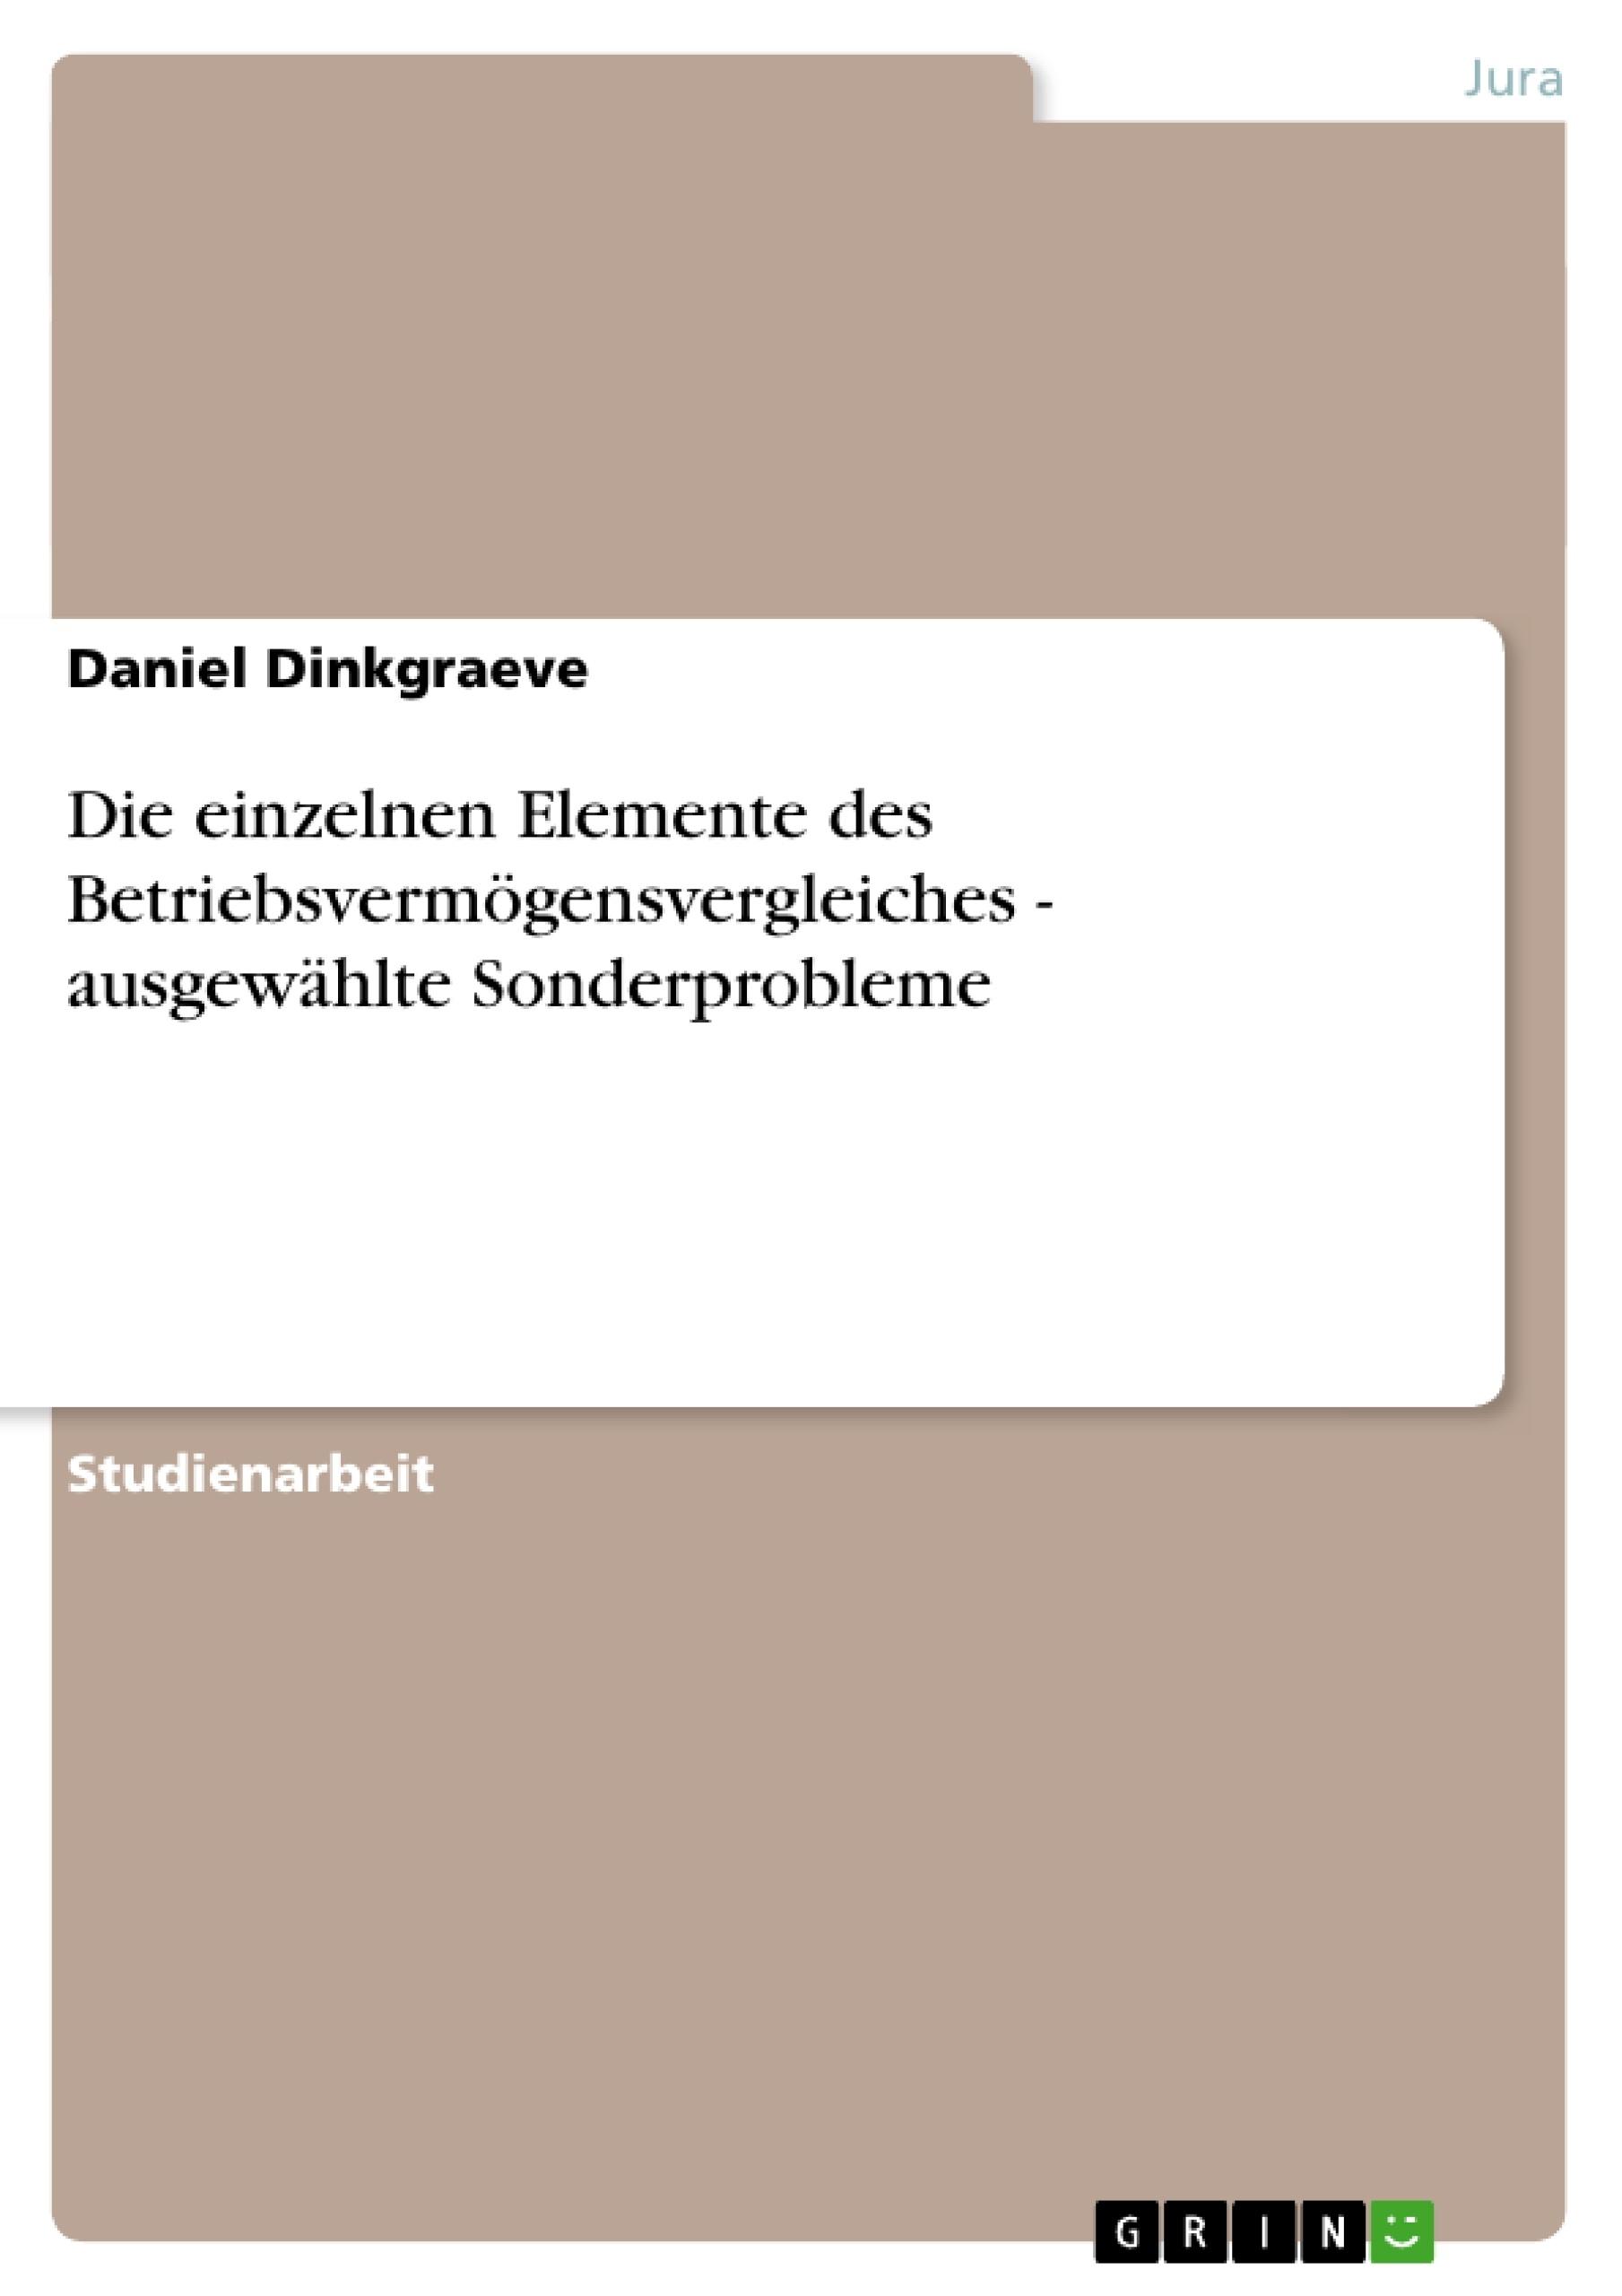 Titel: Die einzelnen Elemente des Betriebsvermögensvergleiches - ausgewählte Sonderprobleme